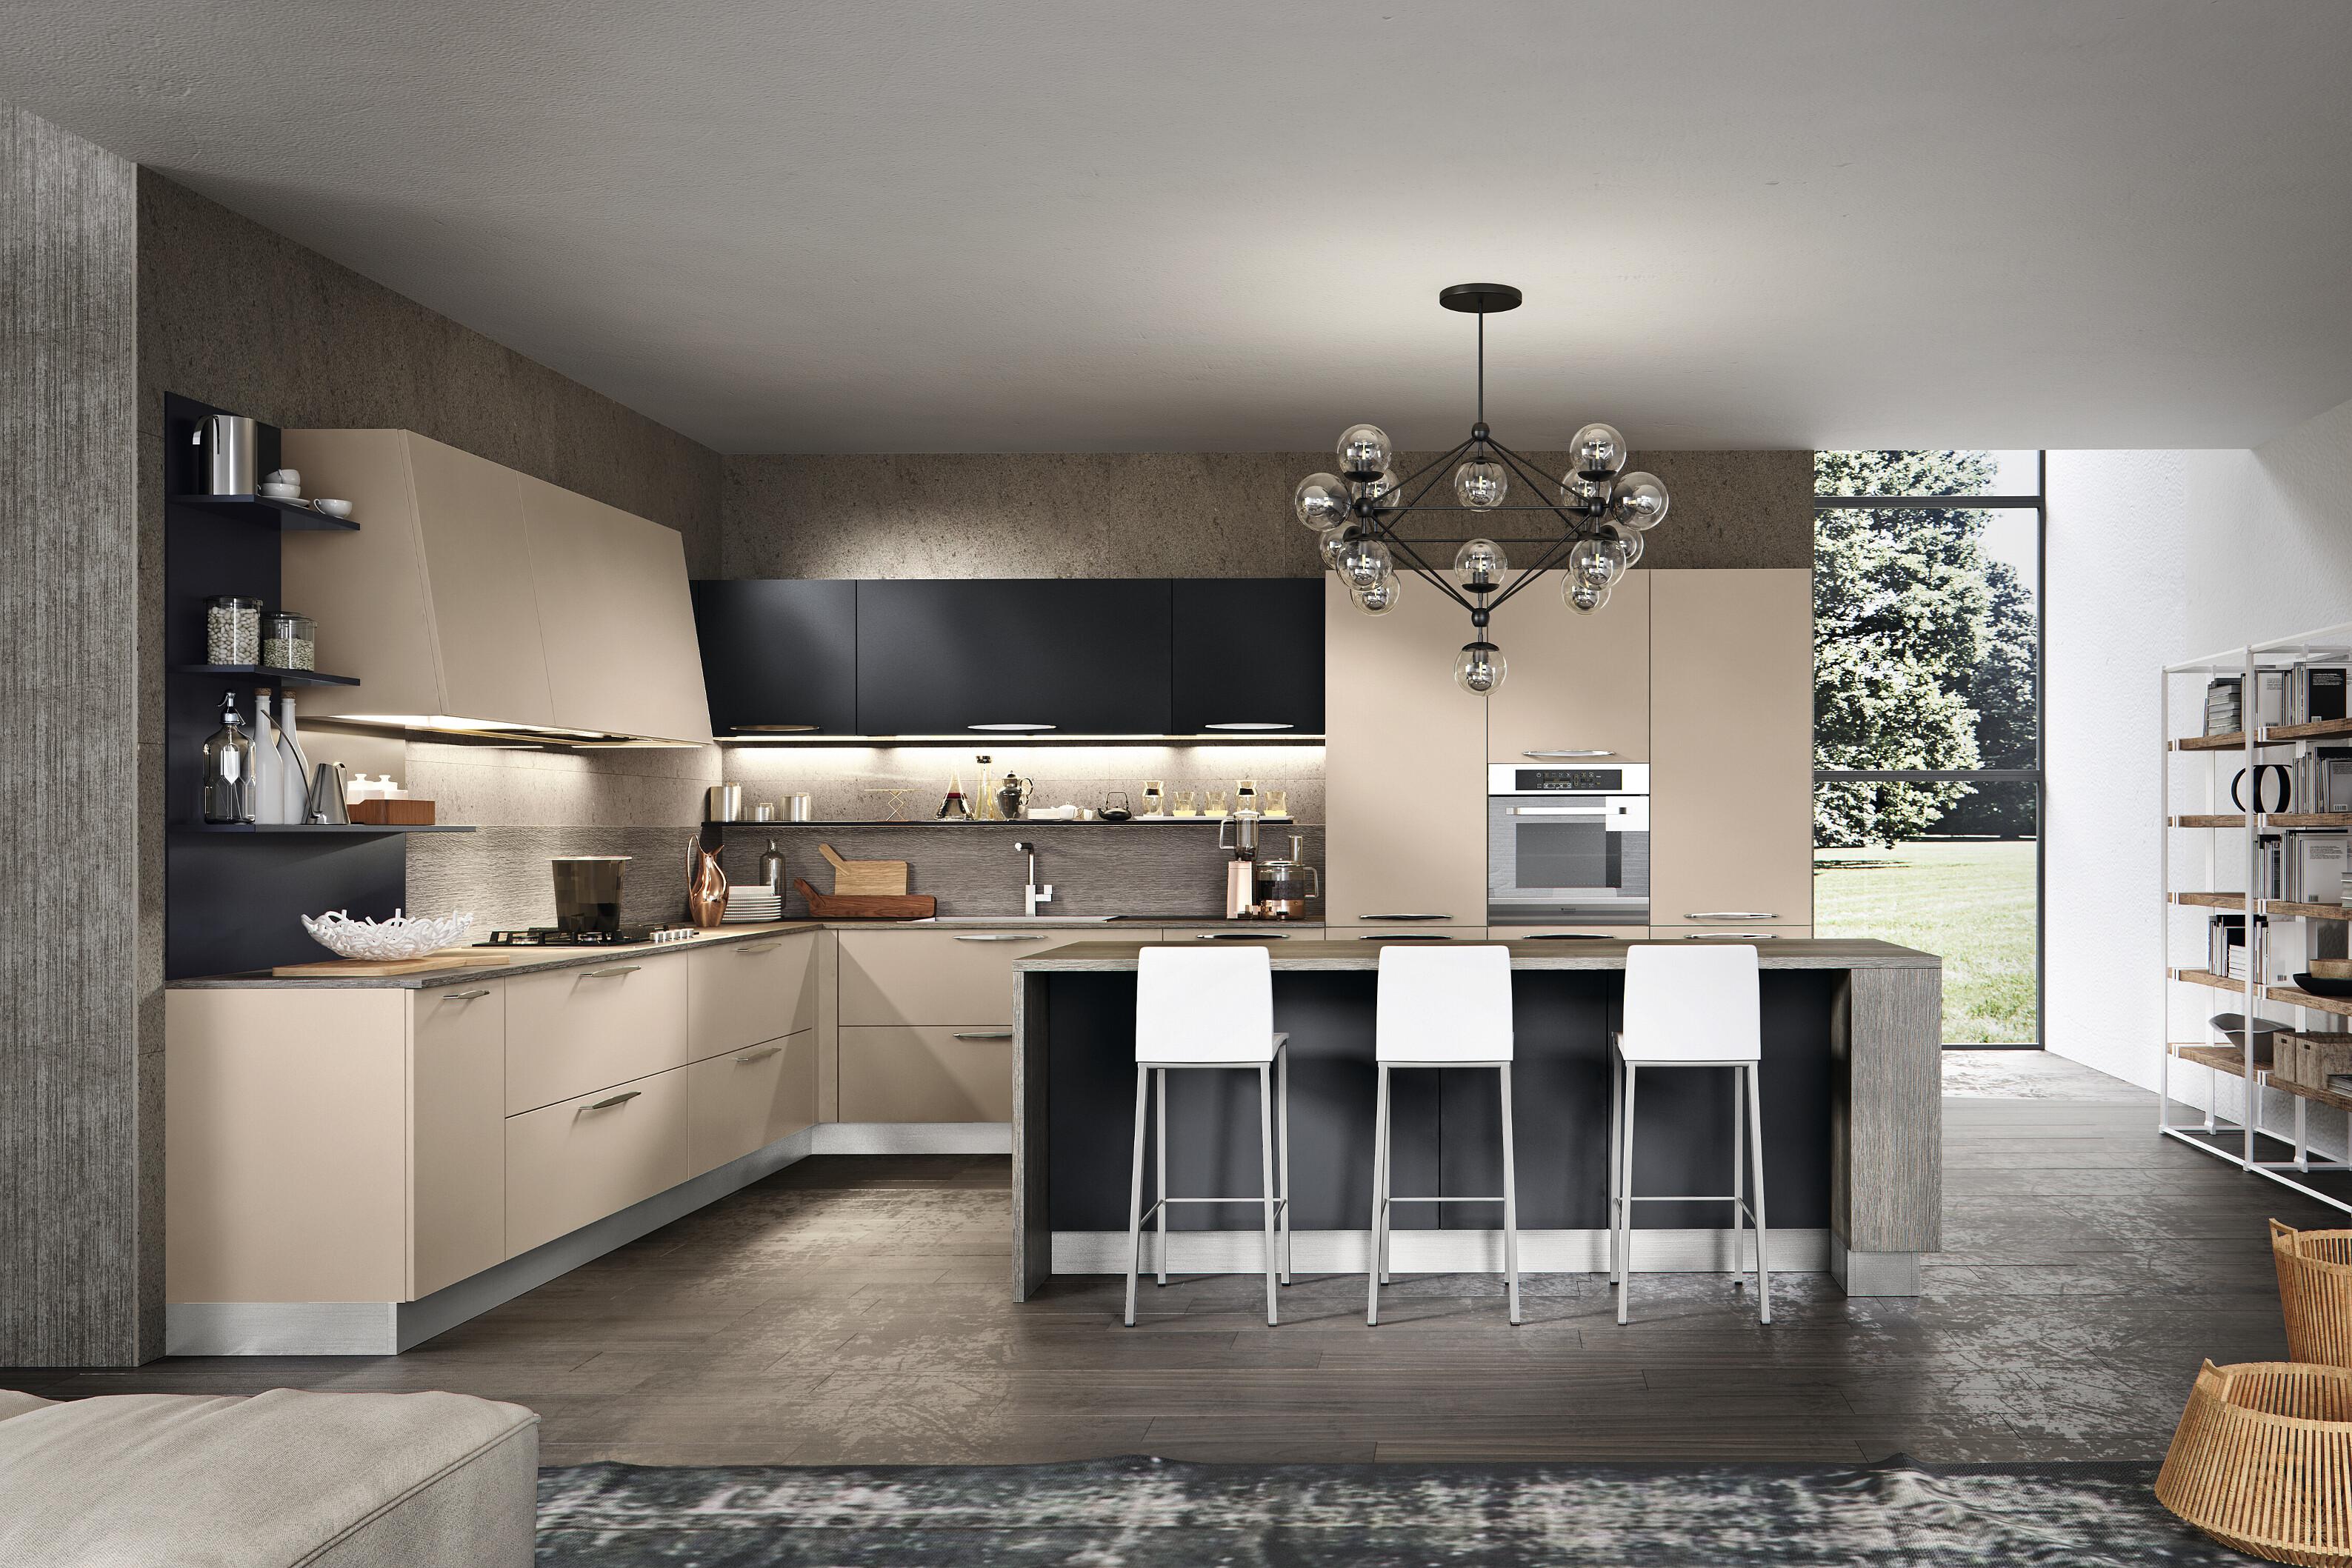 Cucine classiche e moderne per brescia e mantova arredamenti volonghi - Cucine componibili classiche lineari ...